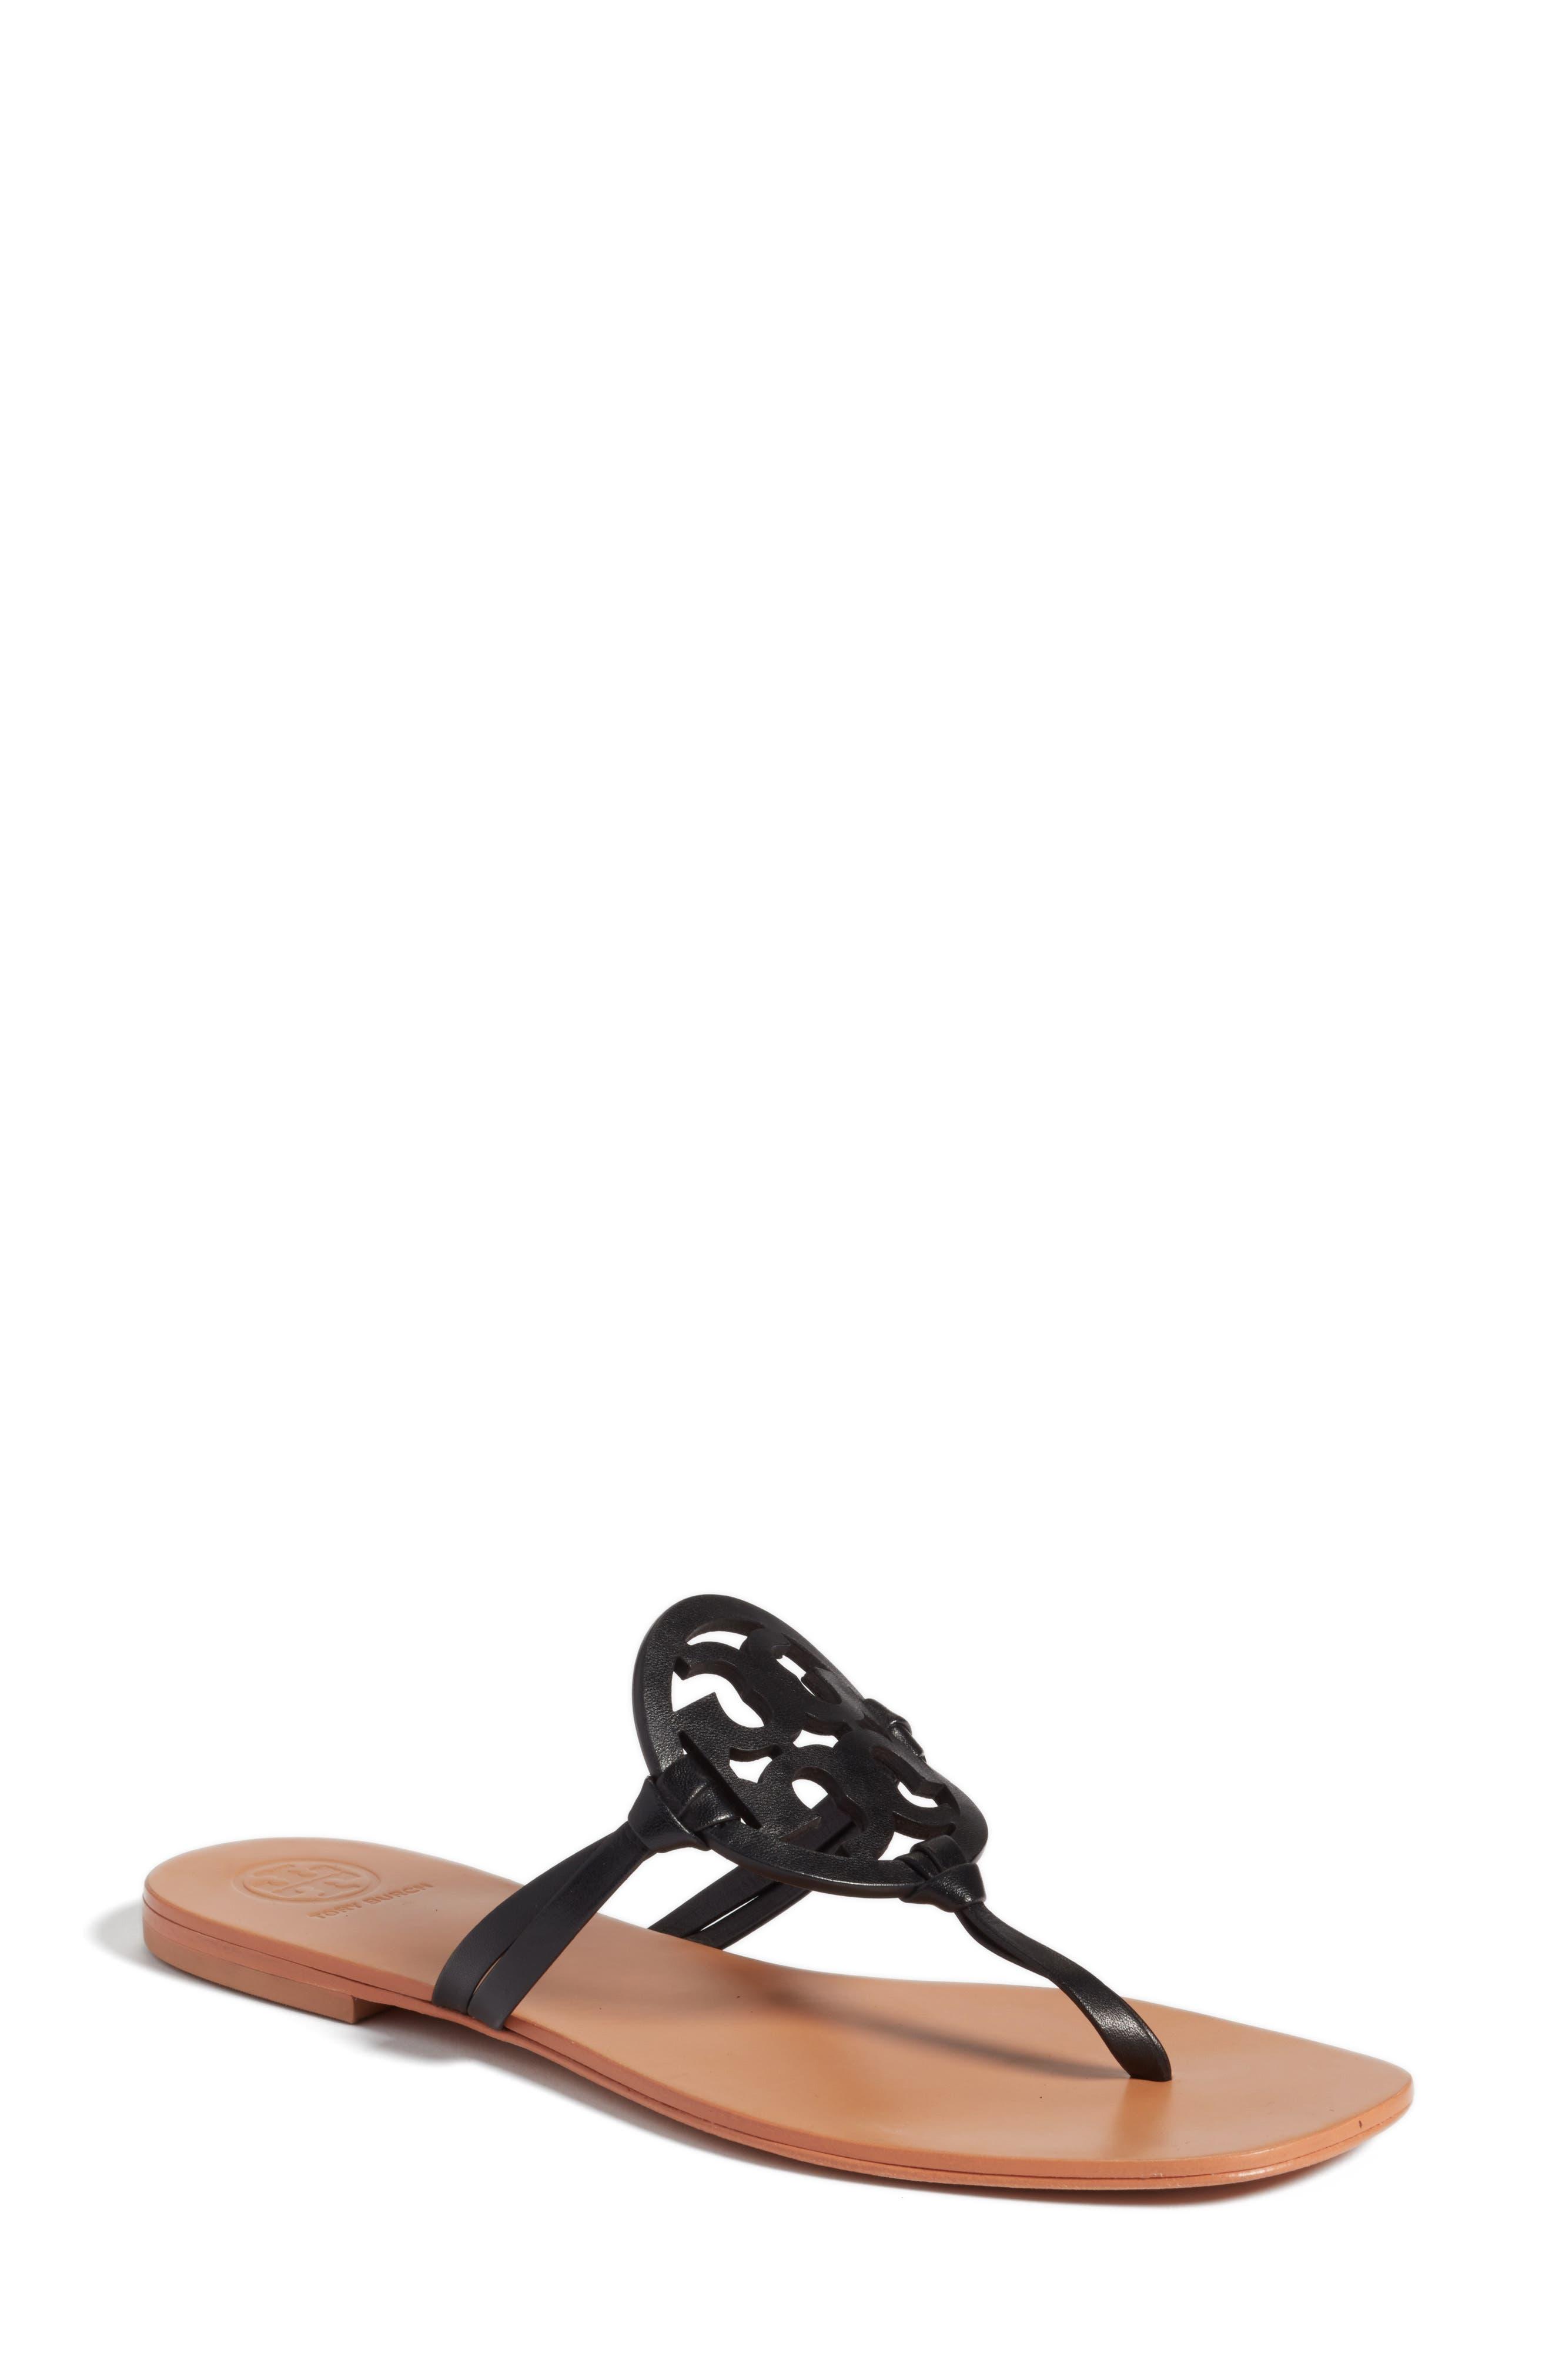 USS Oak Hill - Flip Flops Funny Thong Sandals Beach Sandals